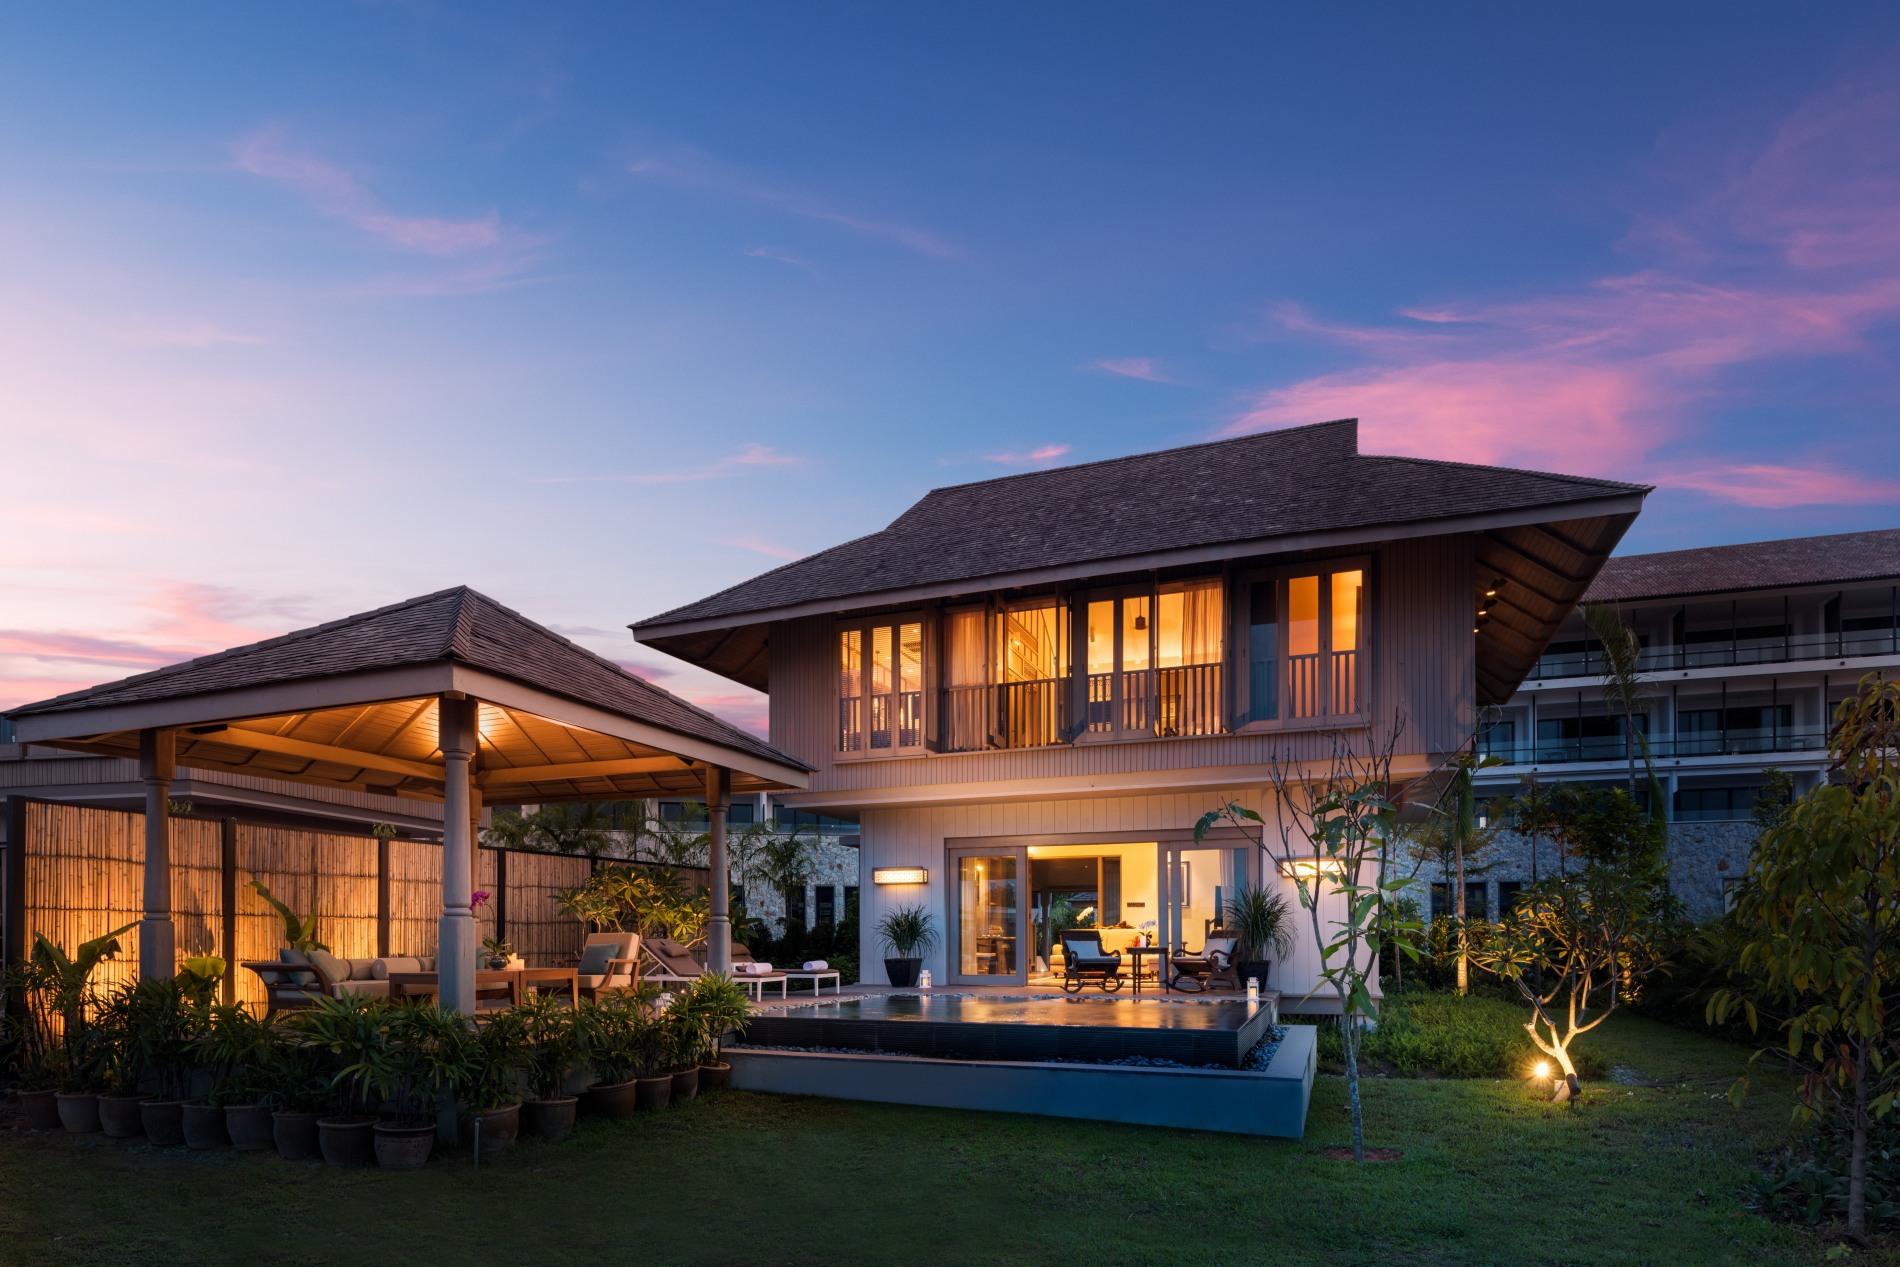 Anantara Desaru Coast Resort and Villas